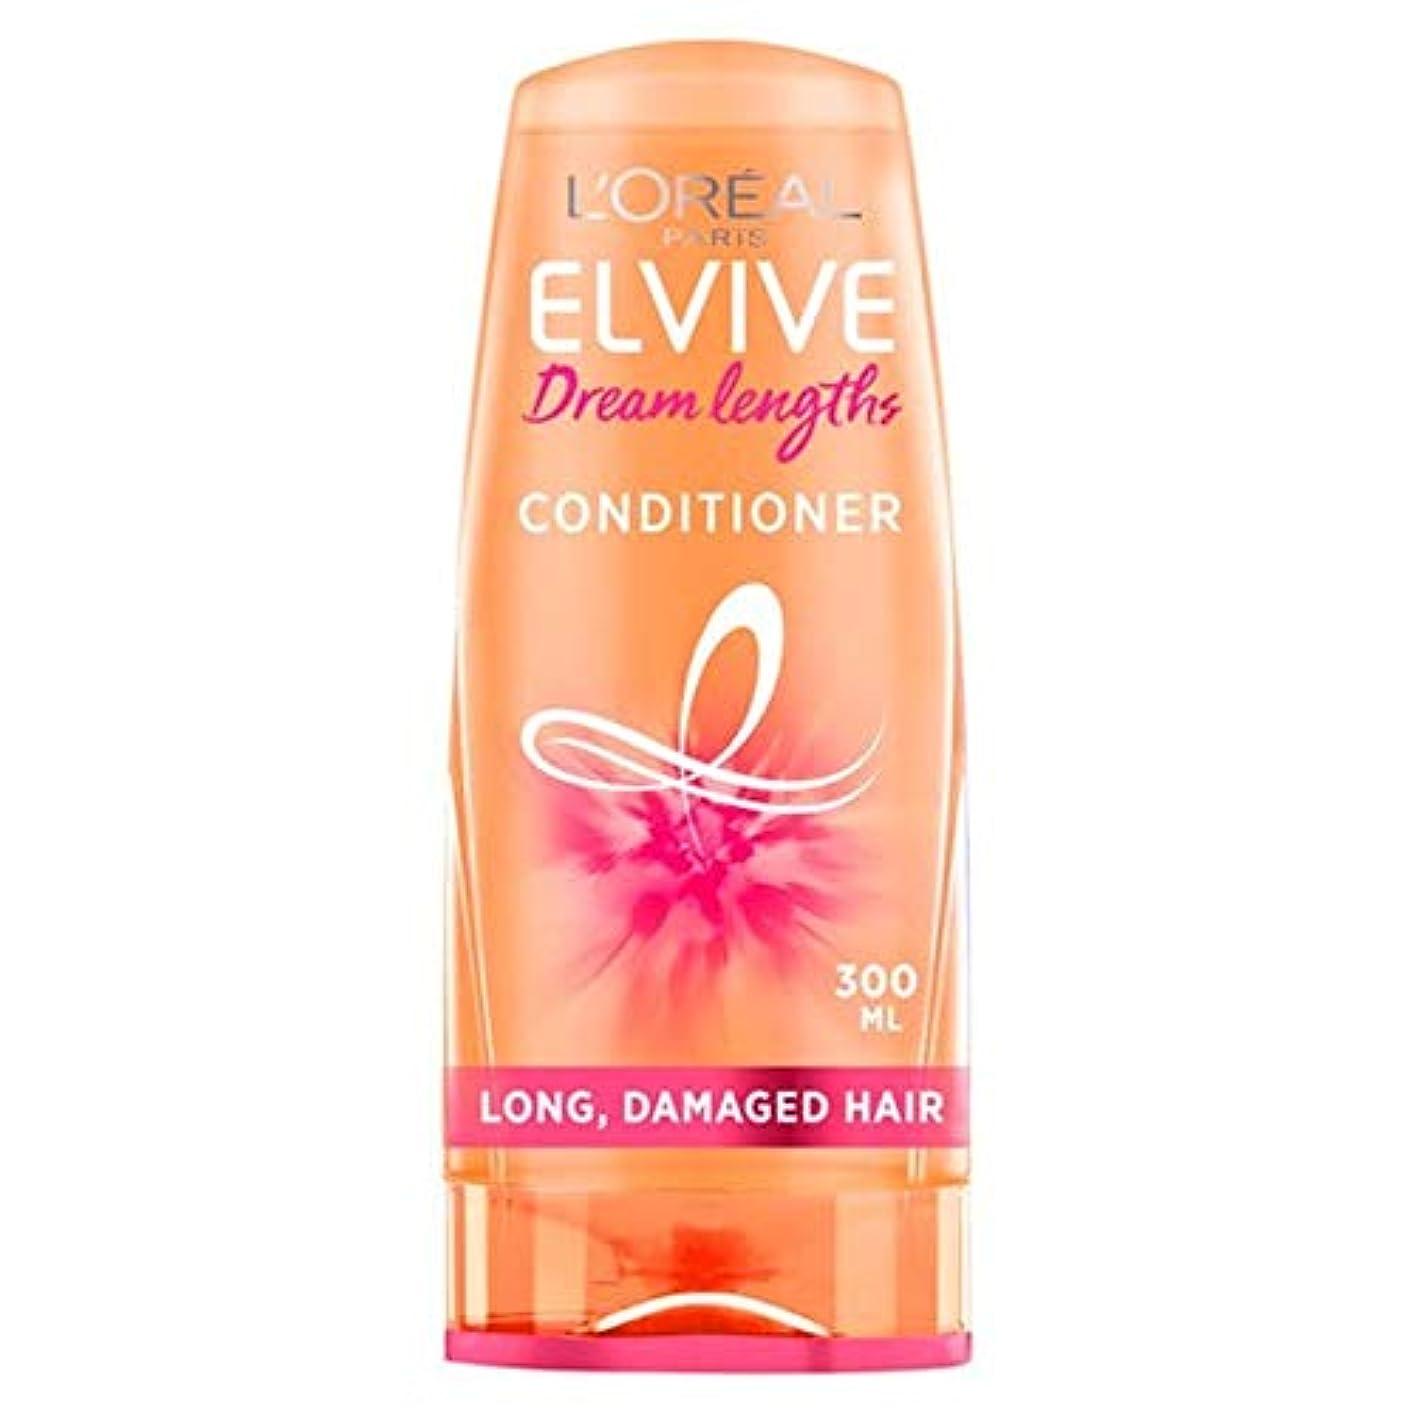 先見の明保育園環境[Elvive] ロレアルはElvive長ヘアコンディショナー300ミリリットルの夢 - L'oreal Elvive Dream Lengths Hair Conditioner 300Ml [並行輸入品]